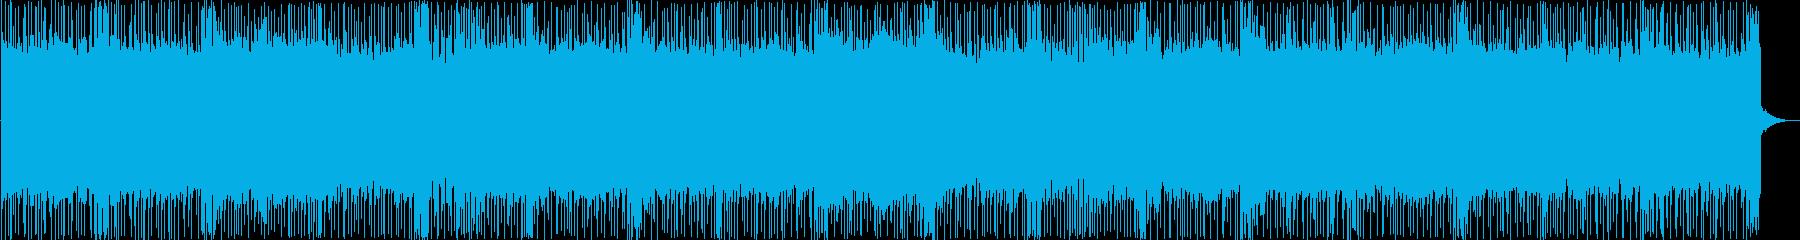 ロック アクション ハイテク 緊迫...の再生済みの波形